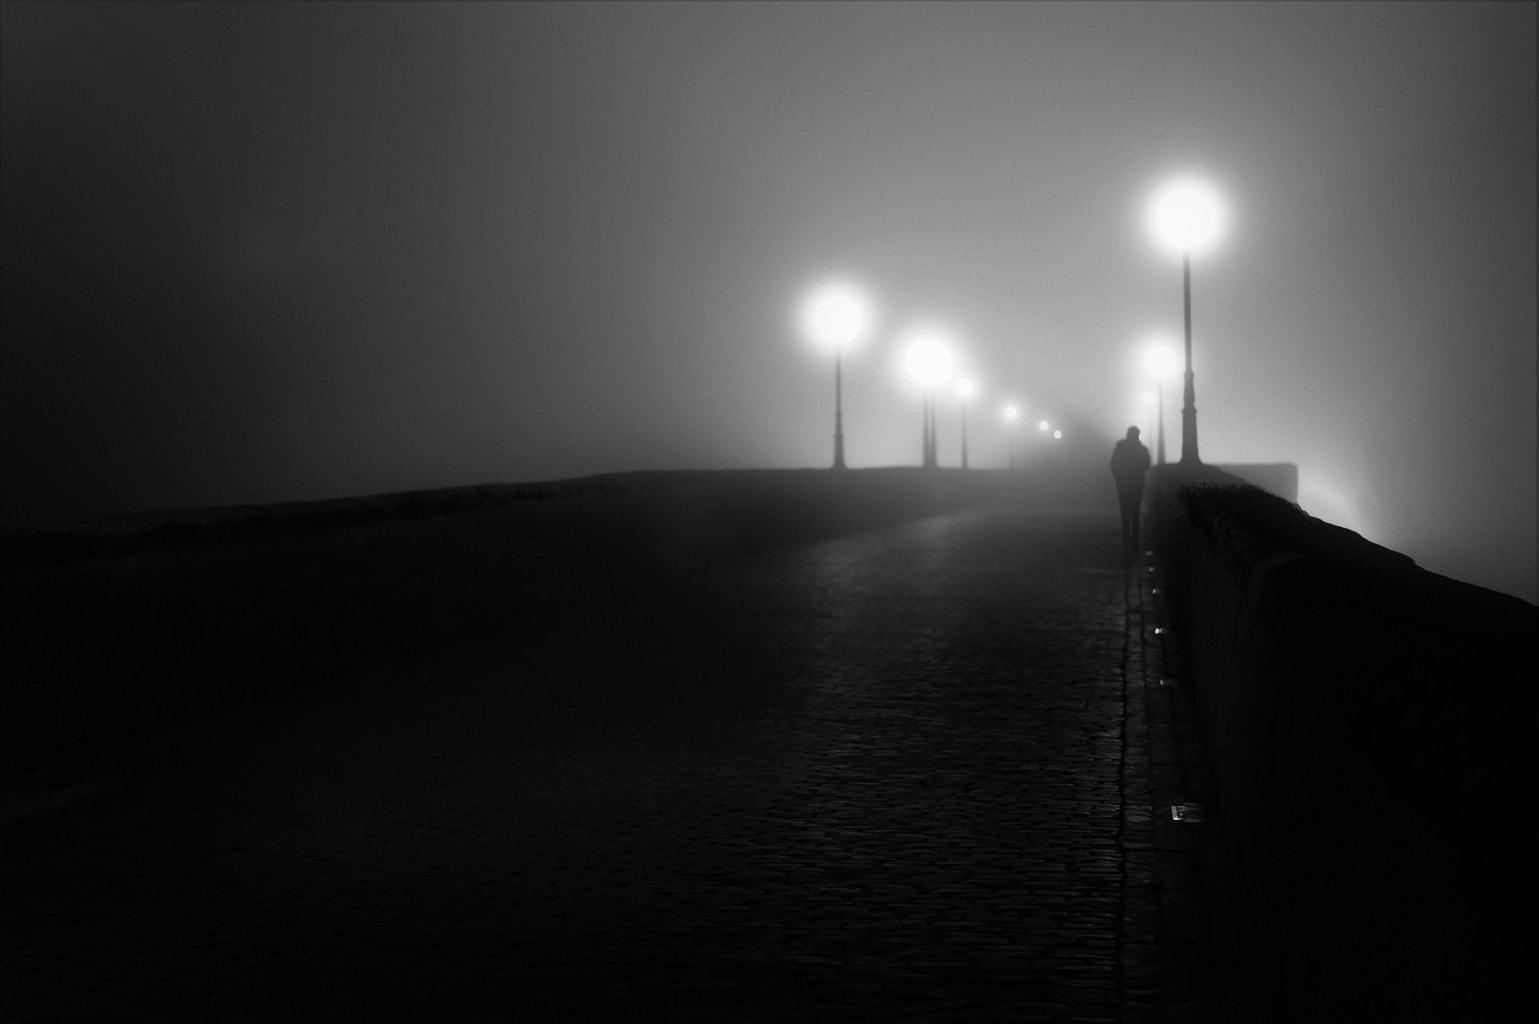 un hombre cruzando un puente entre la niebla